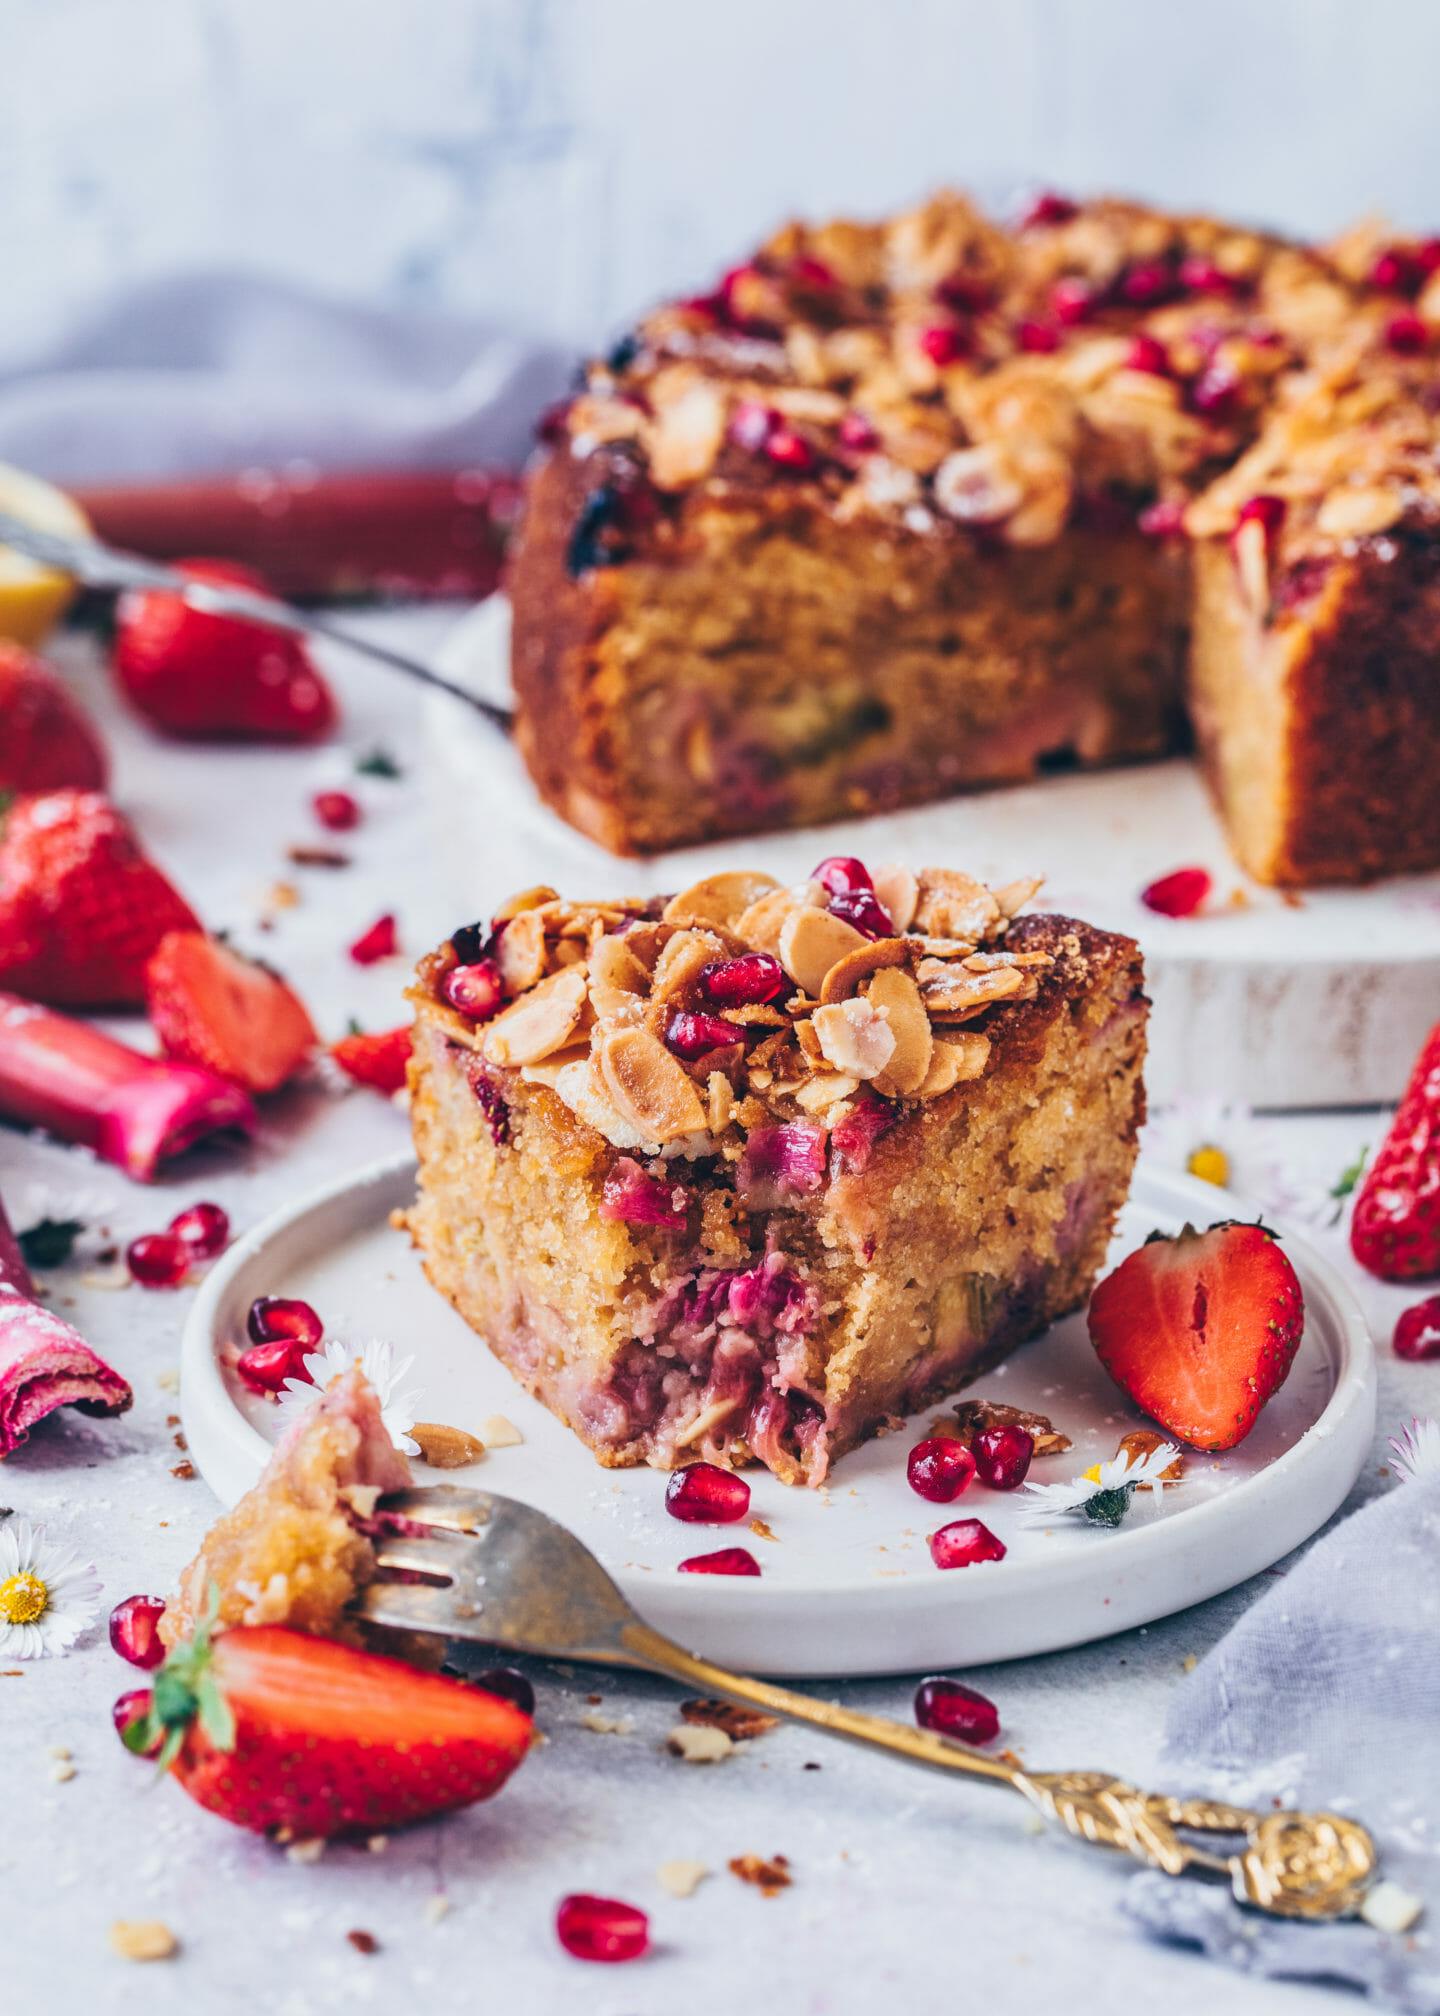 Erdbeer-Rhabarber-Kuchen mit Mandeln (einfach, vegan, saftig, lecker)